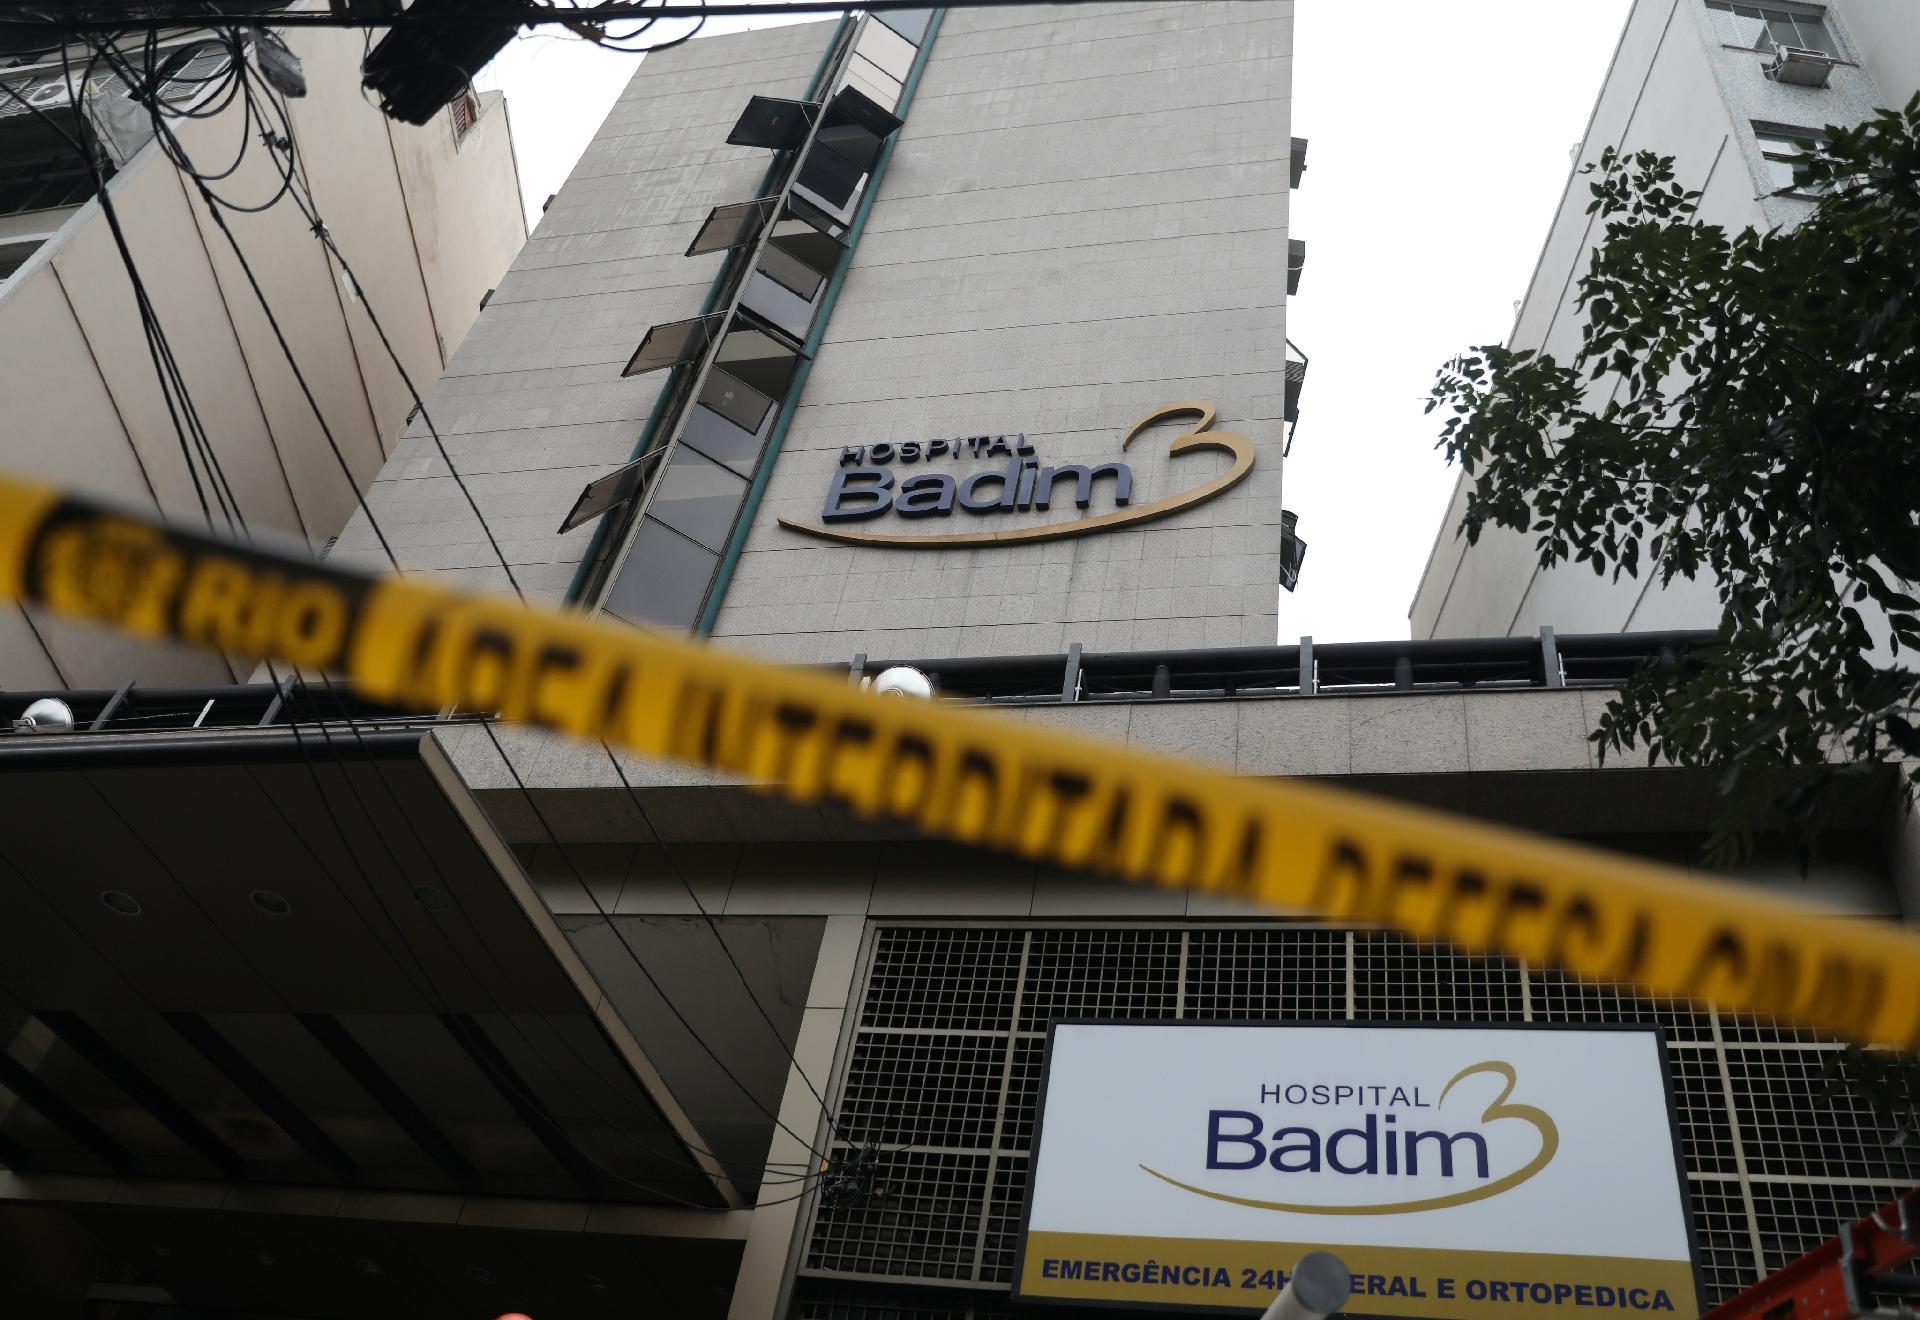 Perícia confirma que incêndio começou em gerador de hospital no RJ